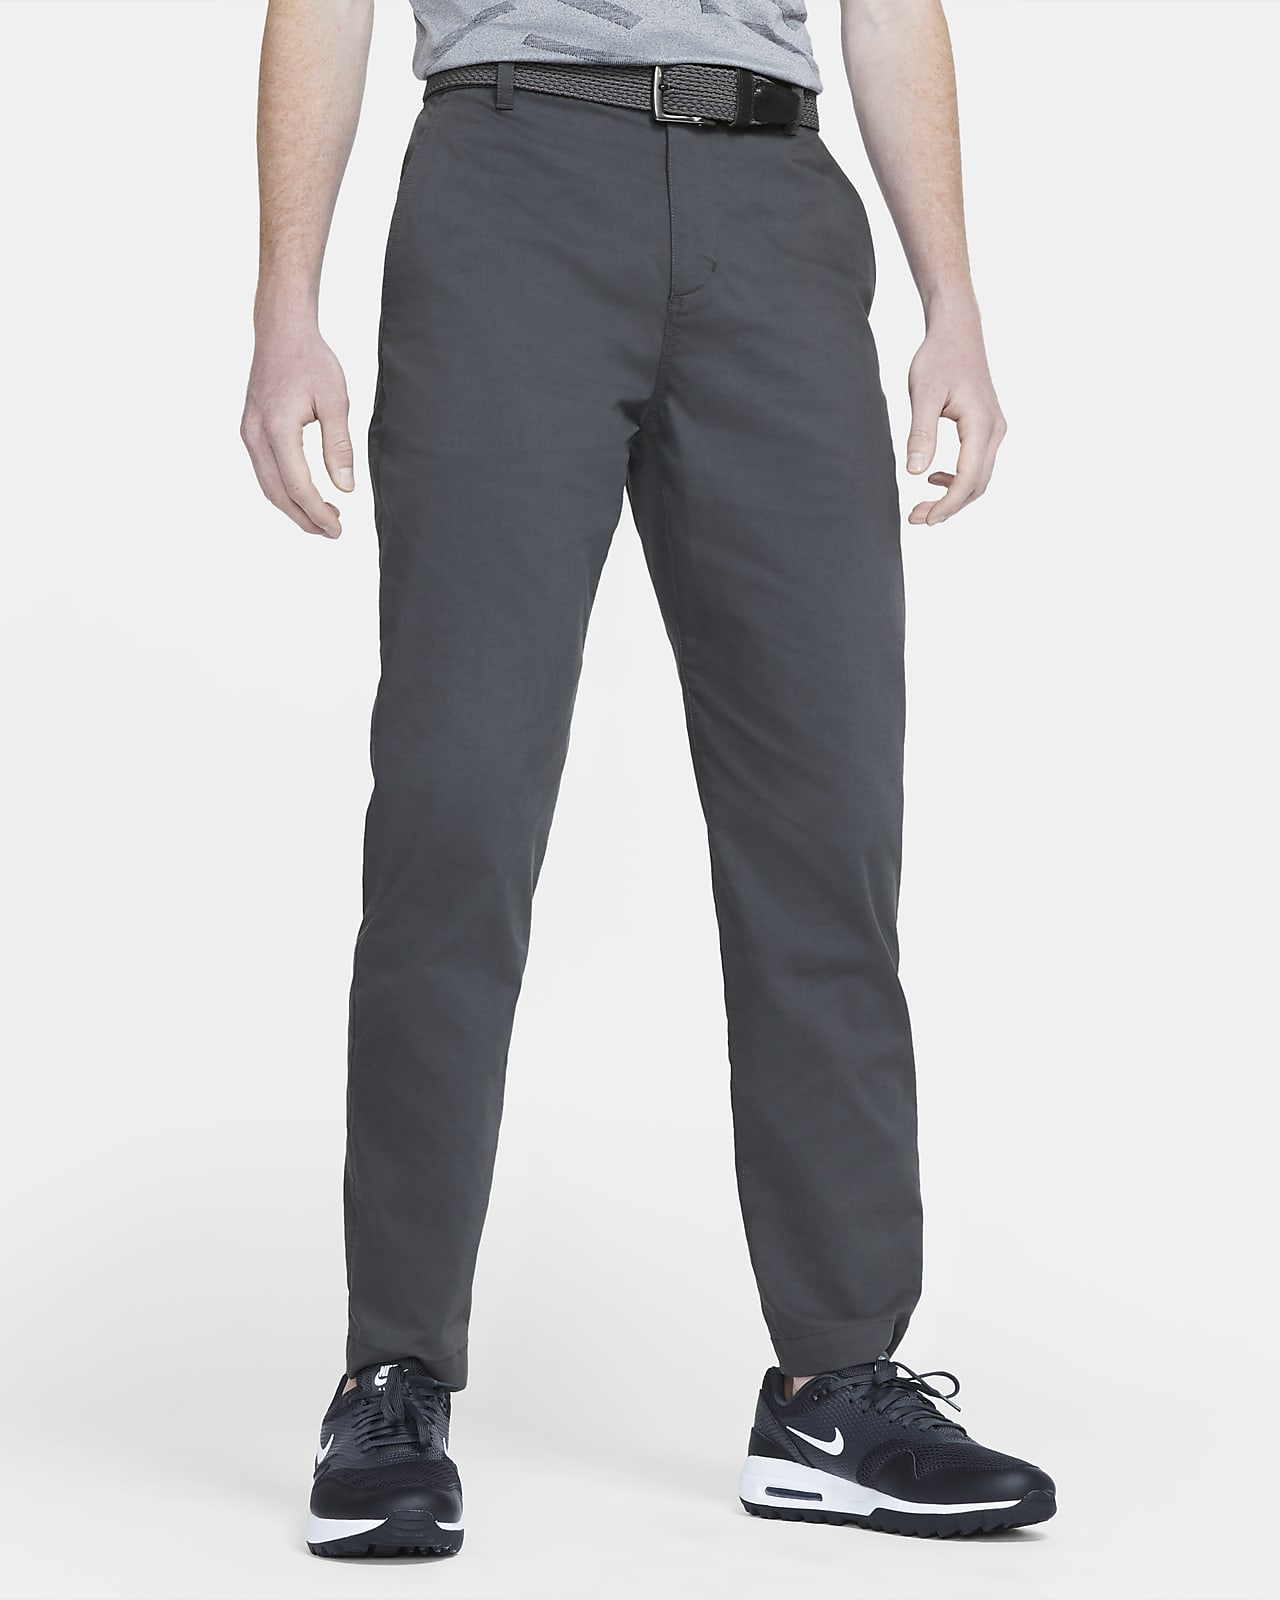 Pantalones chinos de golf de ajuste estándar para hombre Nike Dri-FIT UV